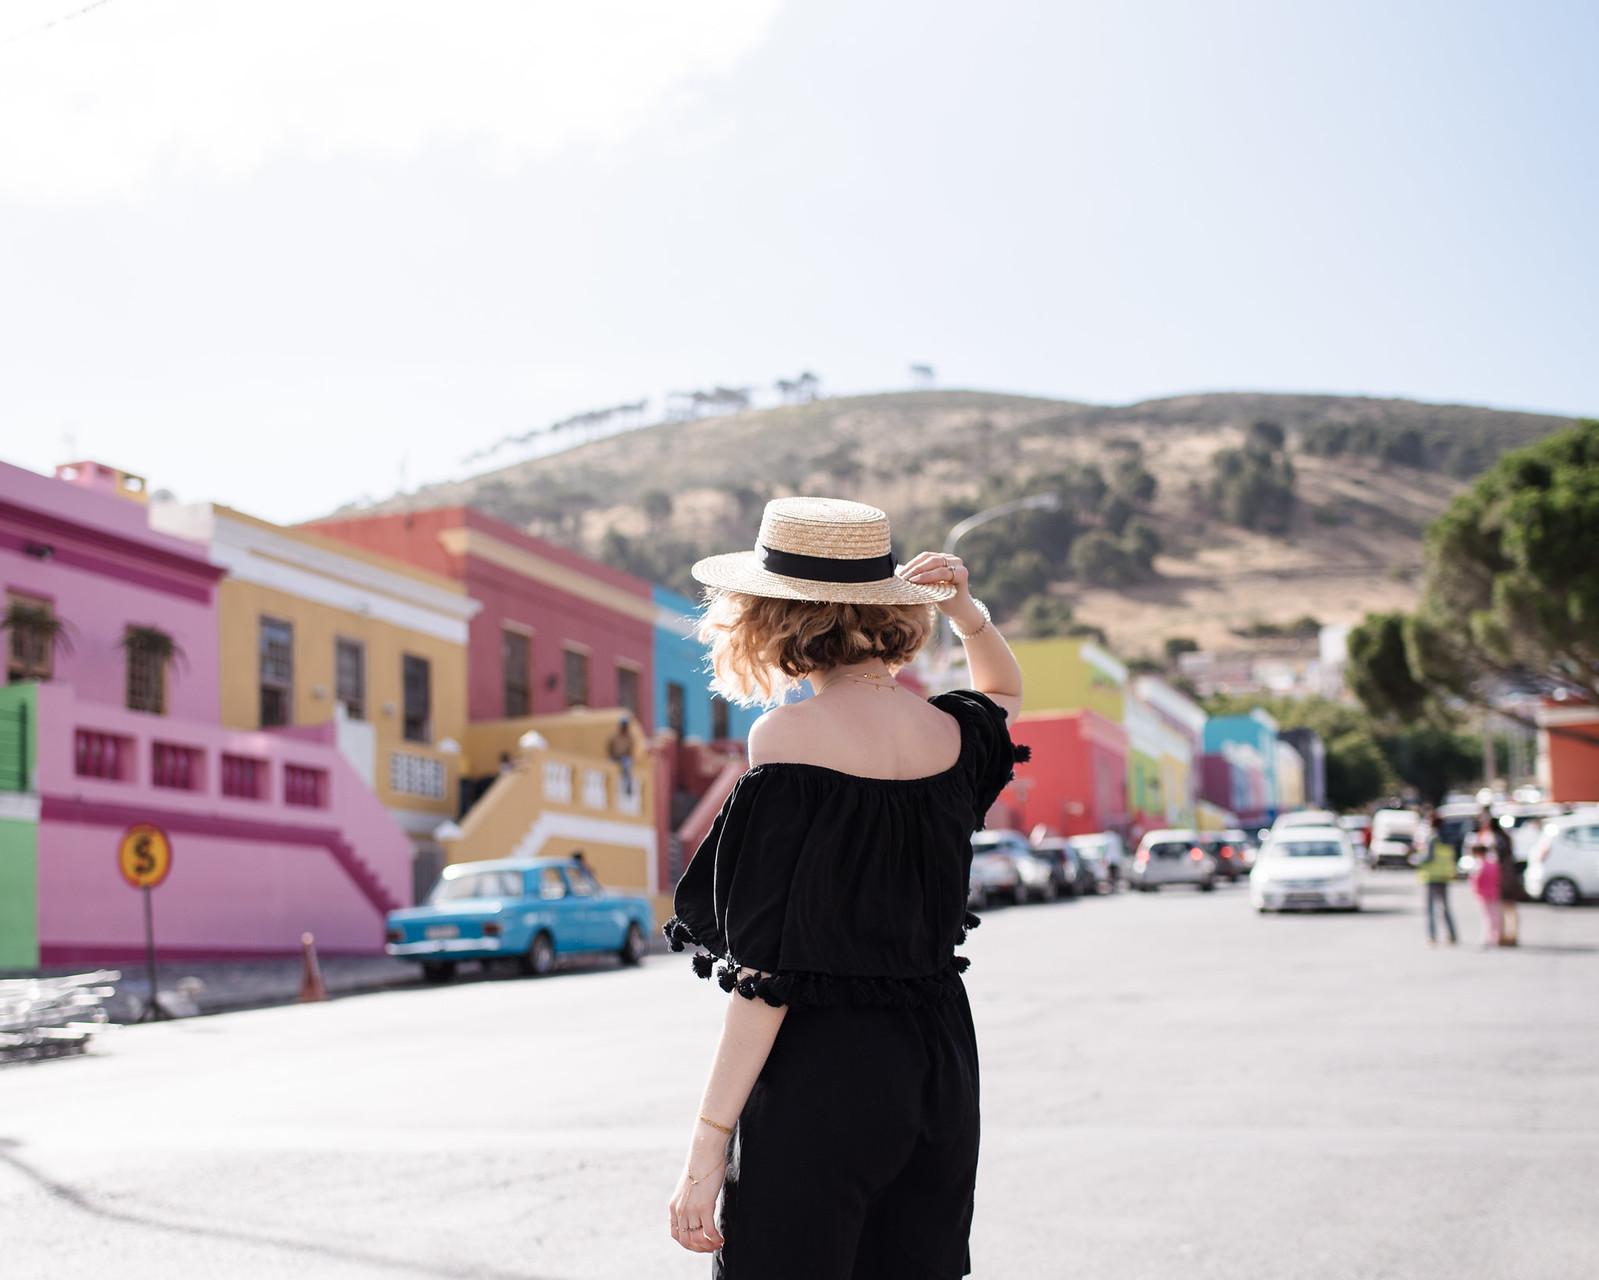 Vetta Capsule in Bo-Kaap Cape Town South Africa on juliettelaura.blogspot.com